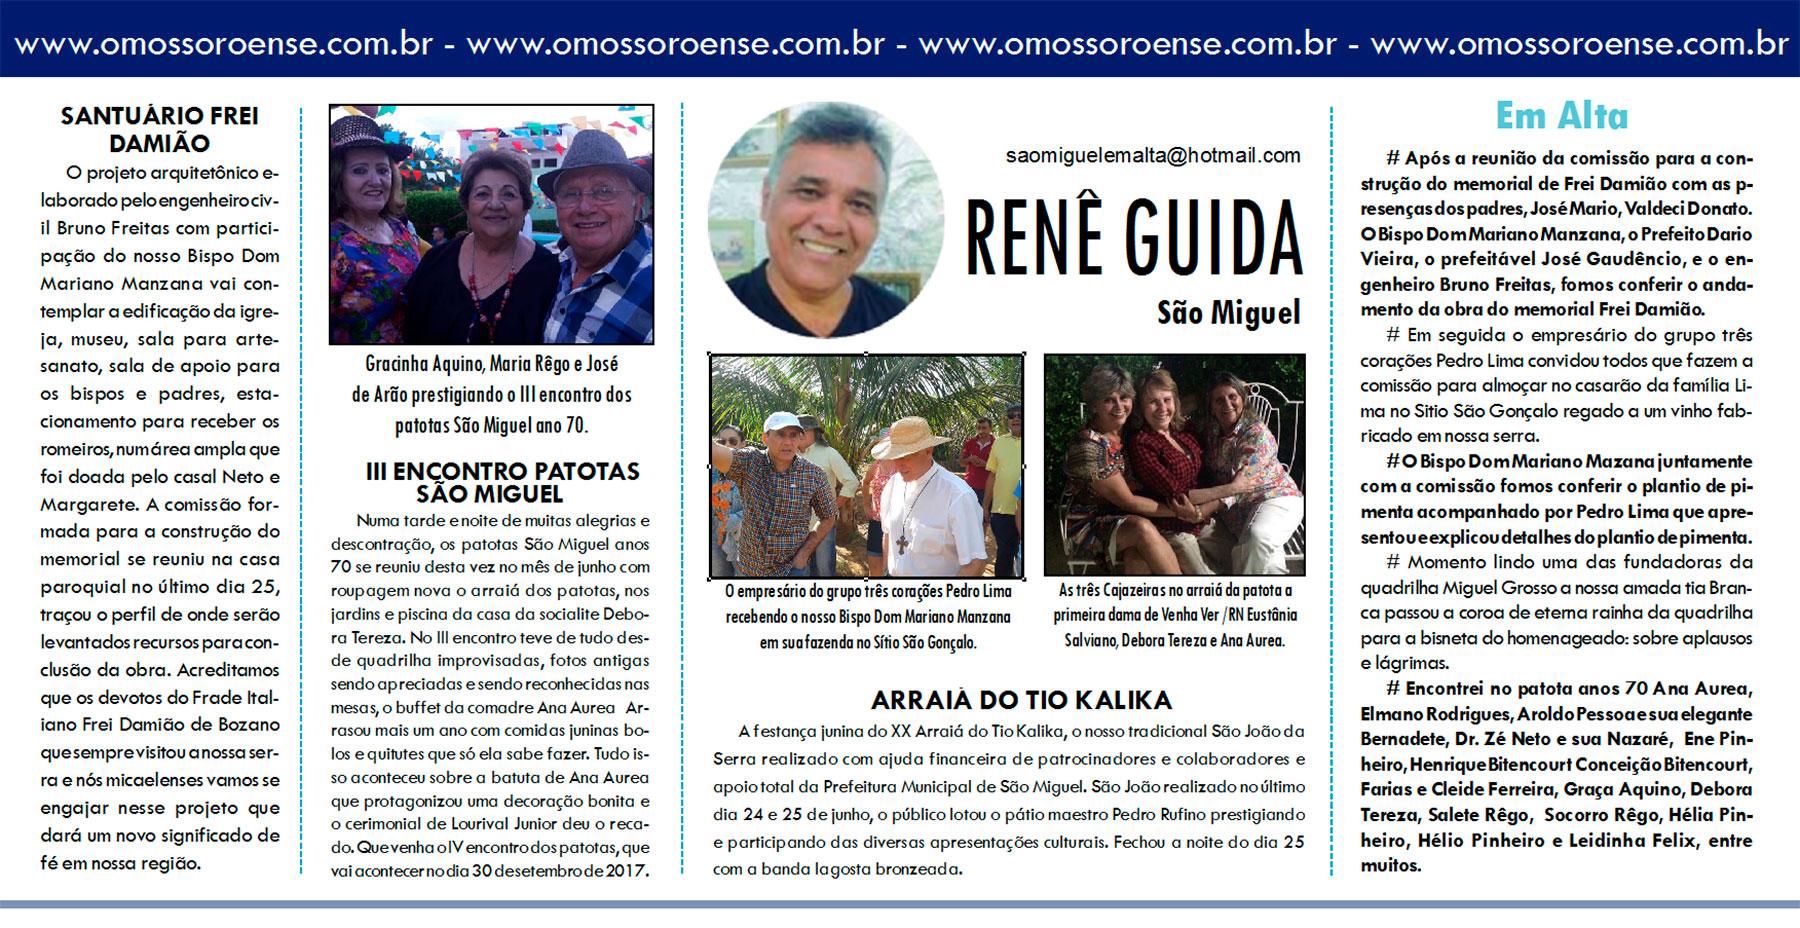 RENÊ-GUIDA---27-06-2016